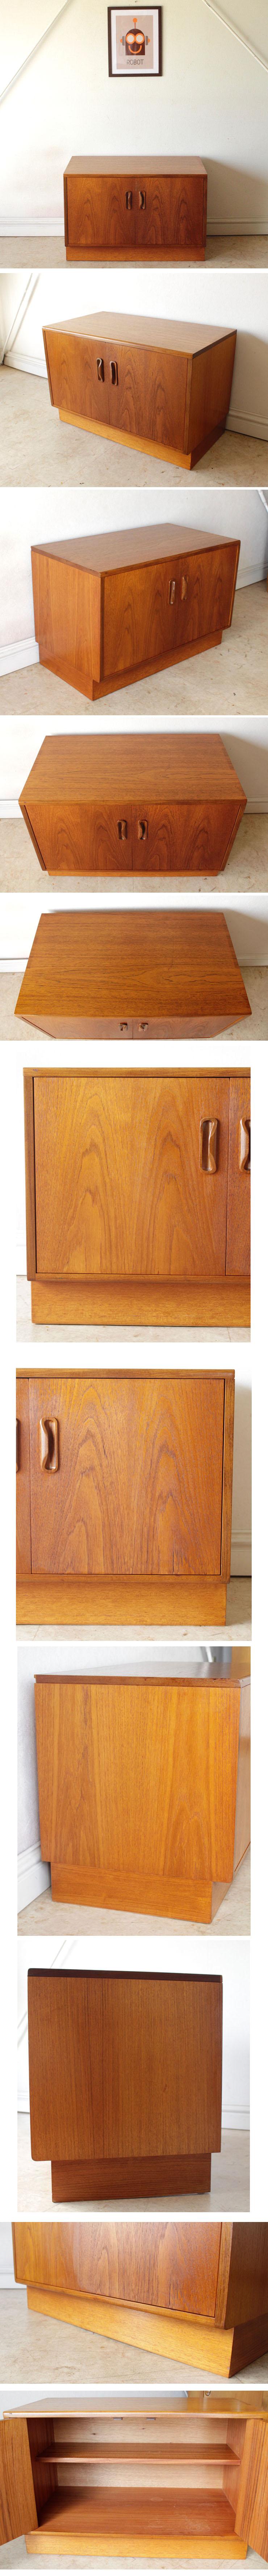 イギリス製G-planジープラン/サイドボード・テレビボード【コンパクトサイズ】/ローボード・ビンテージ家具ミッドセンチュリー014061